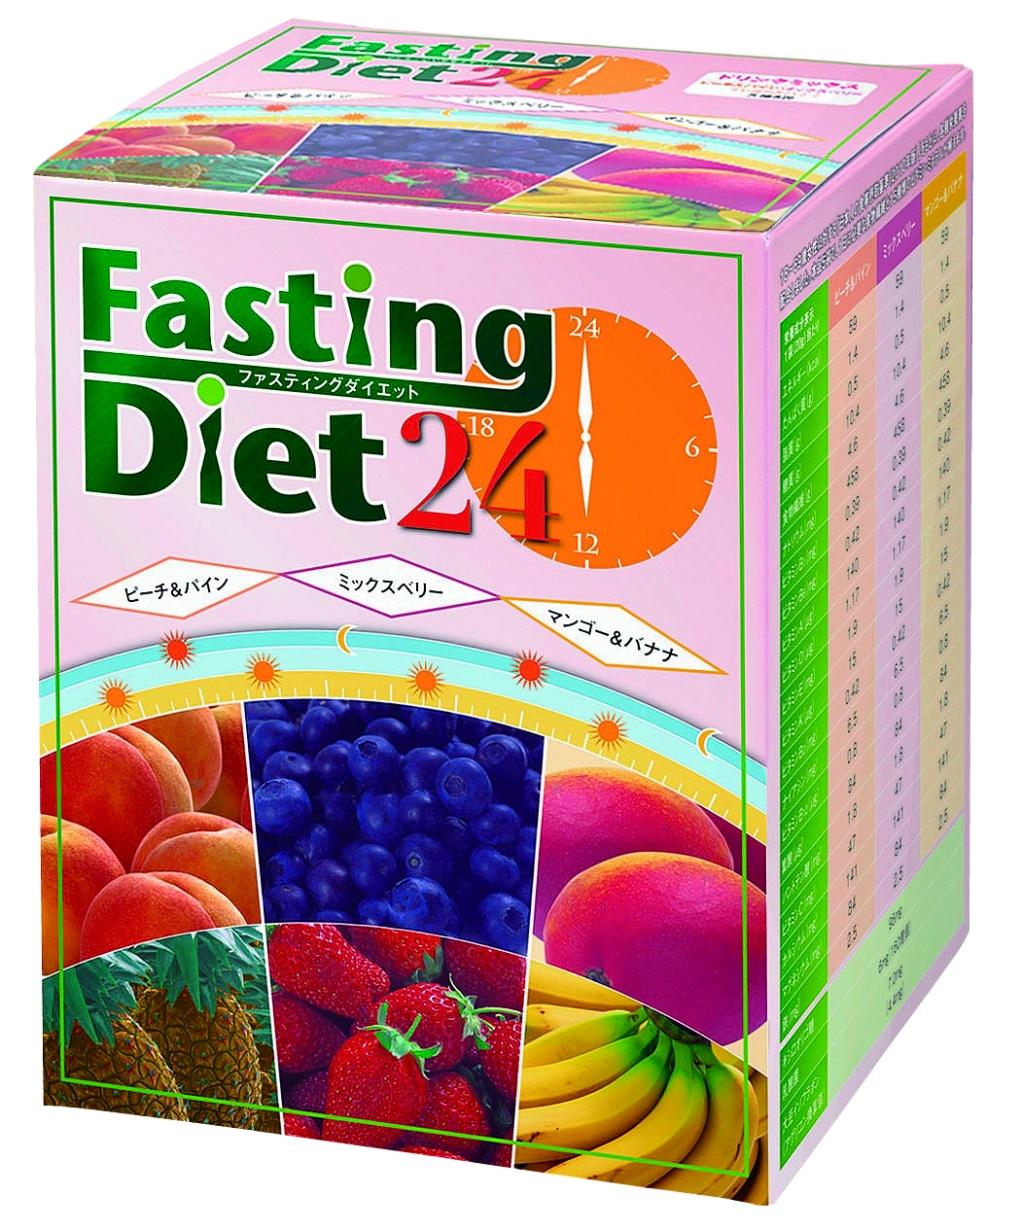 プチ断食で24時間スピードダイエット 「ファスティングダイエット24・ドリンクミックス」 ~ デトックスで腸スッキリ!痩せやすい体へ~